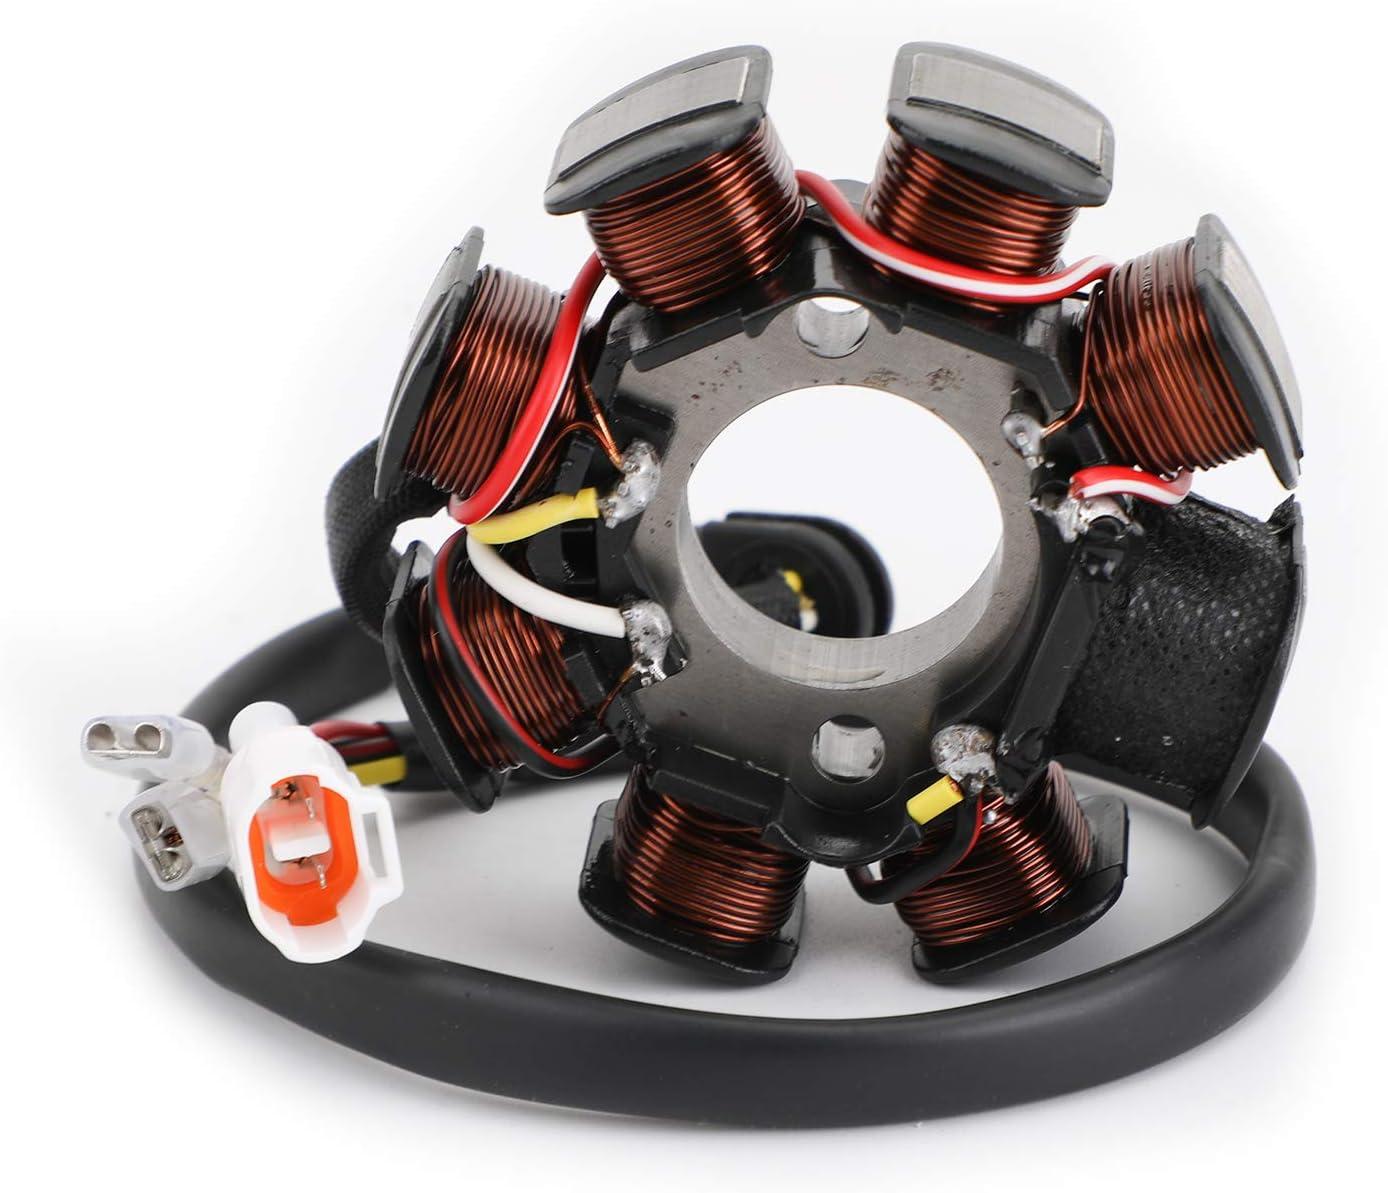 Areyourshop Stator Generator For K T M 250 400 450 520 525 Exc Xc Xcw 59039104200 59039104000 Auto